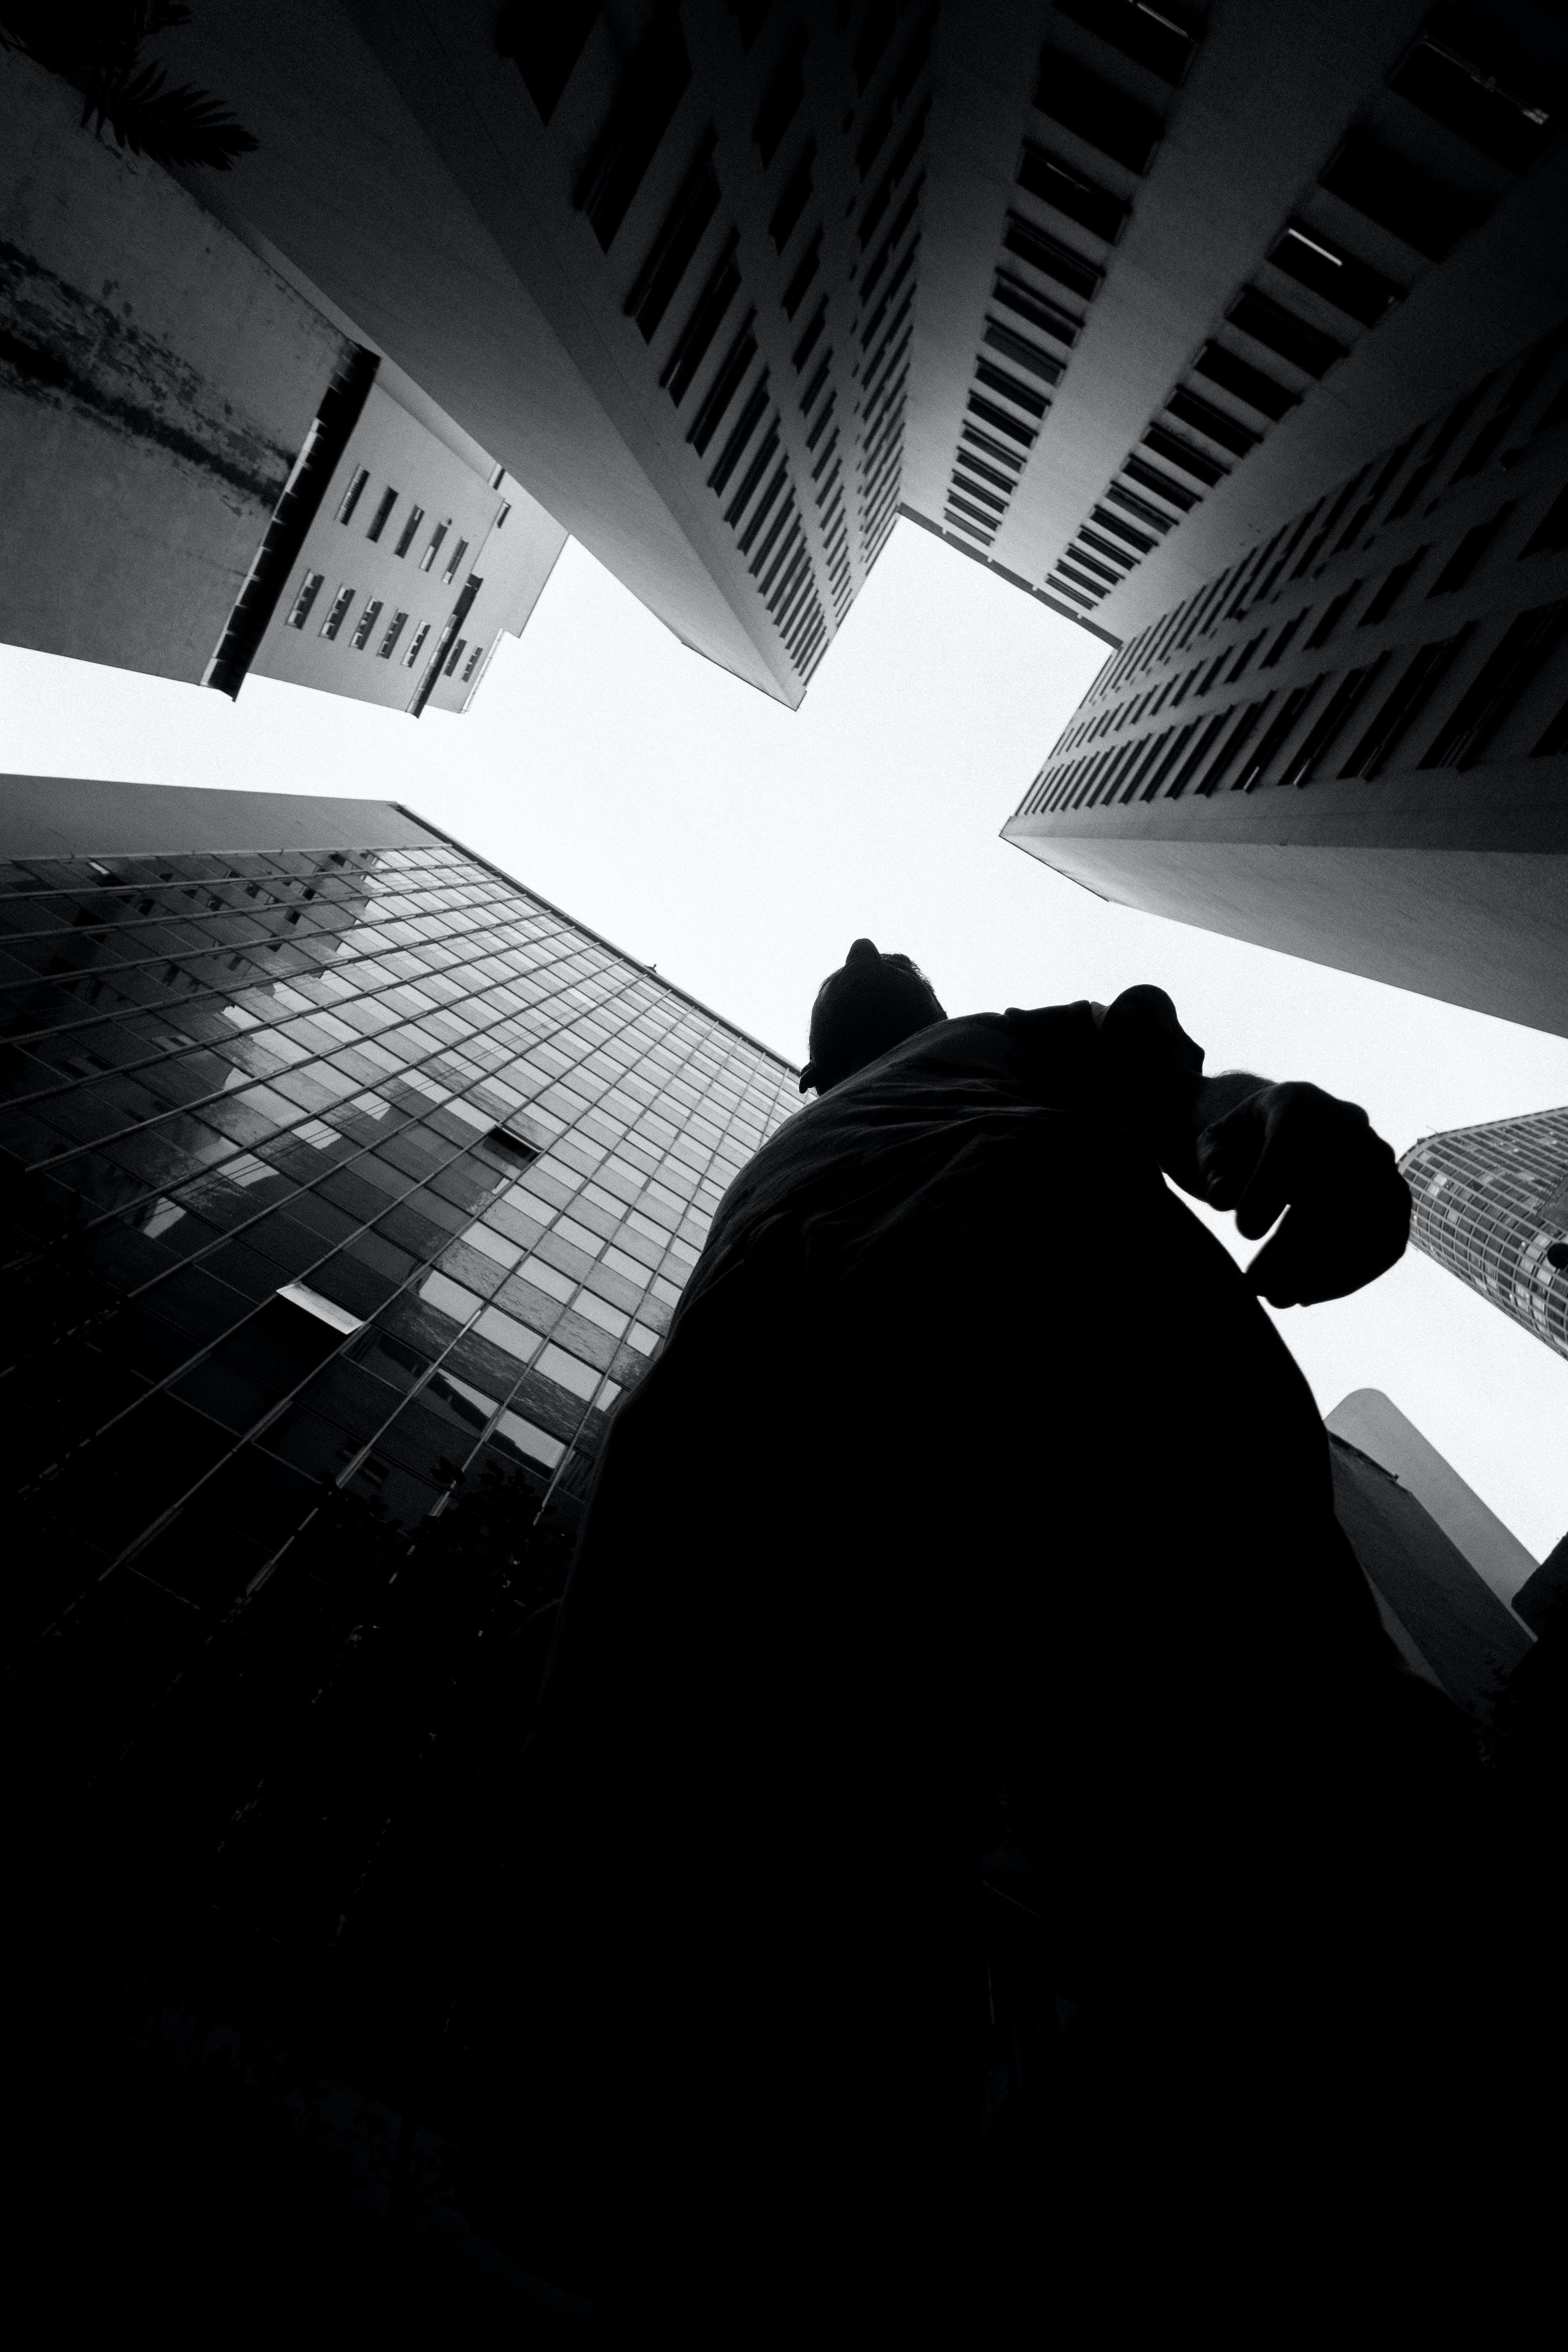 Δωρεάν στοκ φωτογραφιών με άνδρας, άνθρωπος, αρχιτεκτονική, ασπρόμαυρο